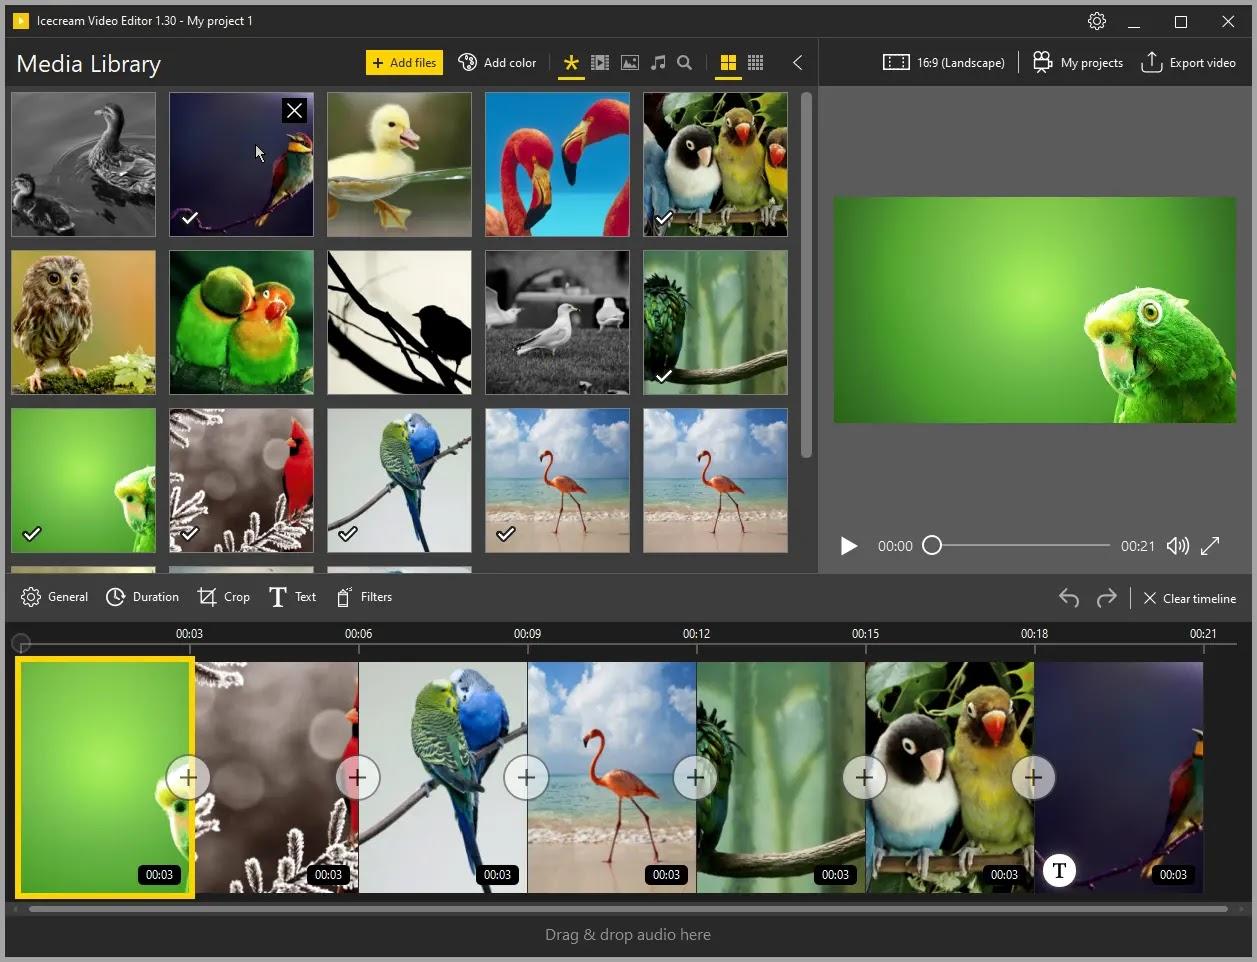 Icecream Video Editor :  Επεξεργαστείτε βίντεο  ή δημιουργήστε νέα βίντεο με εκπληκτικά εφέ από φωτογραφίες